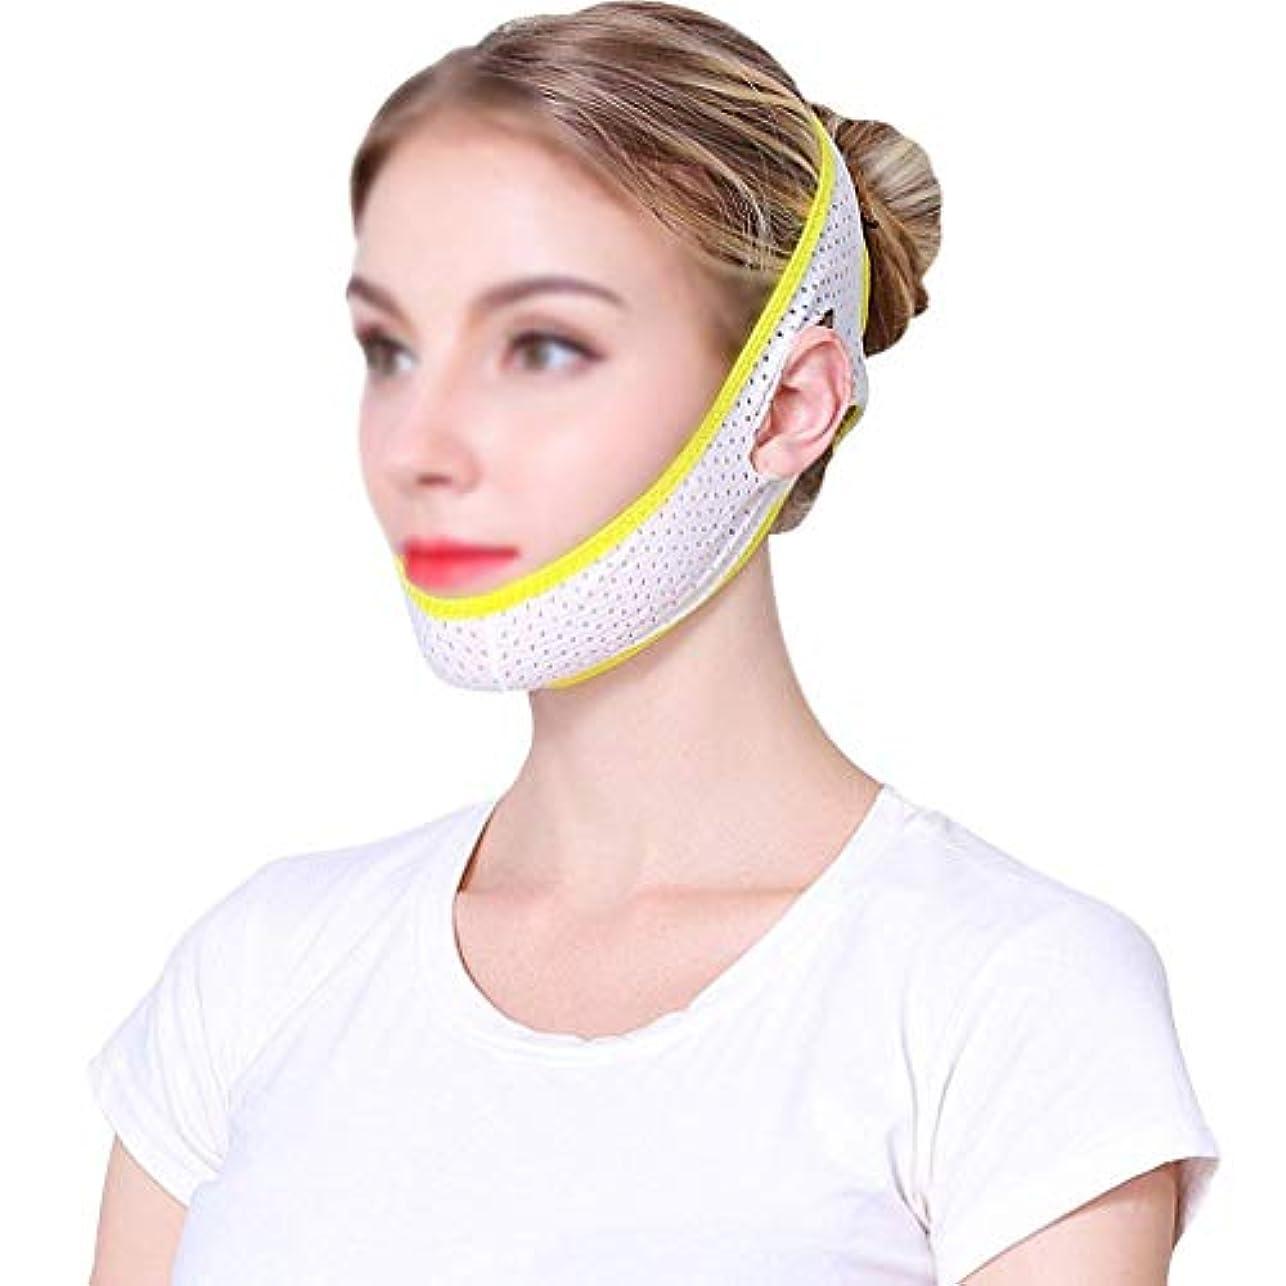 ローズ抜け目のないどきどきマスク、包帯、整形外科の夏の通気性の薄いセクション二重あごひものVの表面の薄いフェイスマスクを持ち上げて下さい